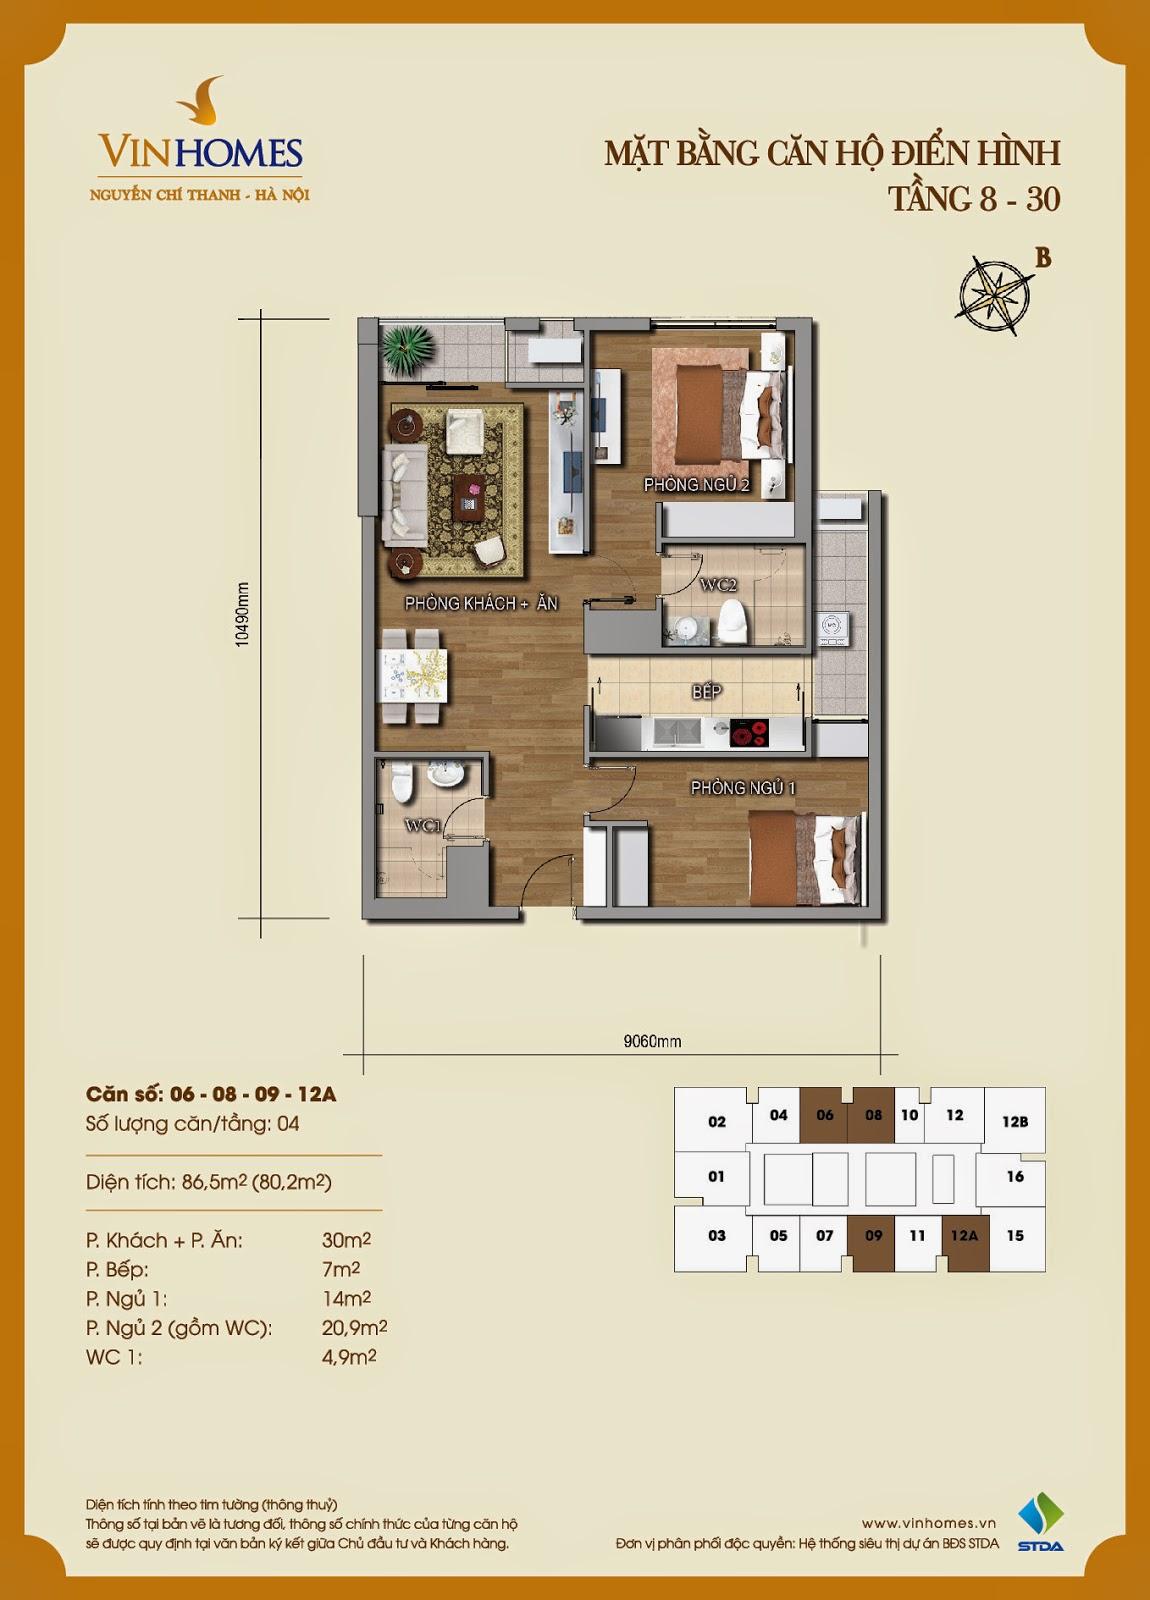 Mặt bằng chi tiết căn hộ 06 - 08 - 09 - 12A  Vinhomes Nguyễn Chí Thanh